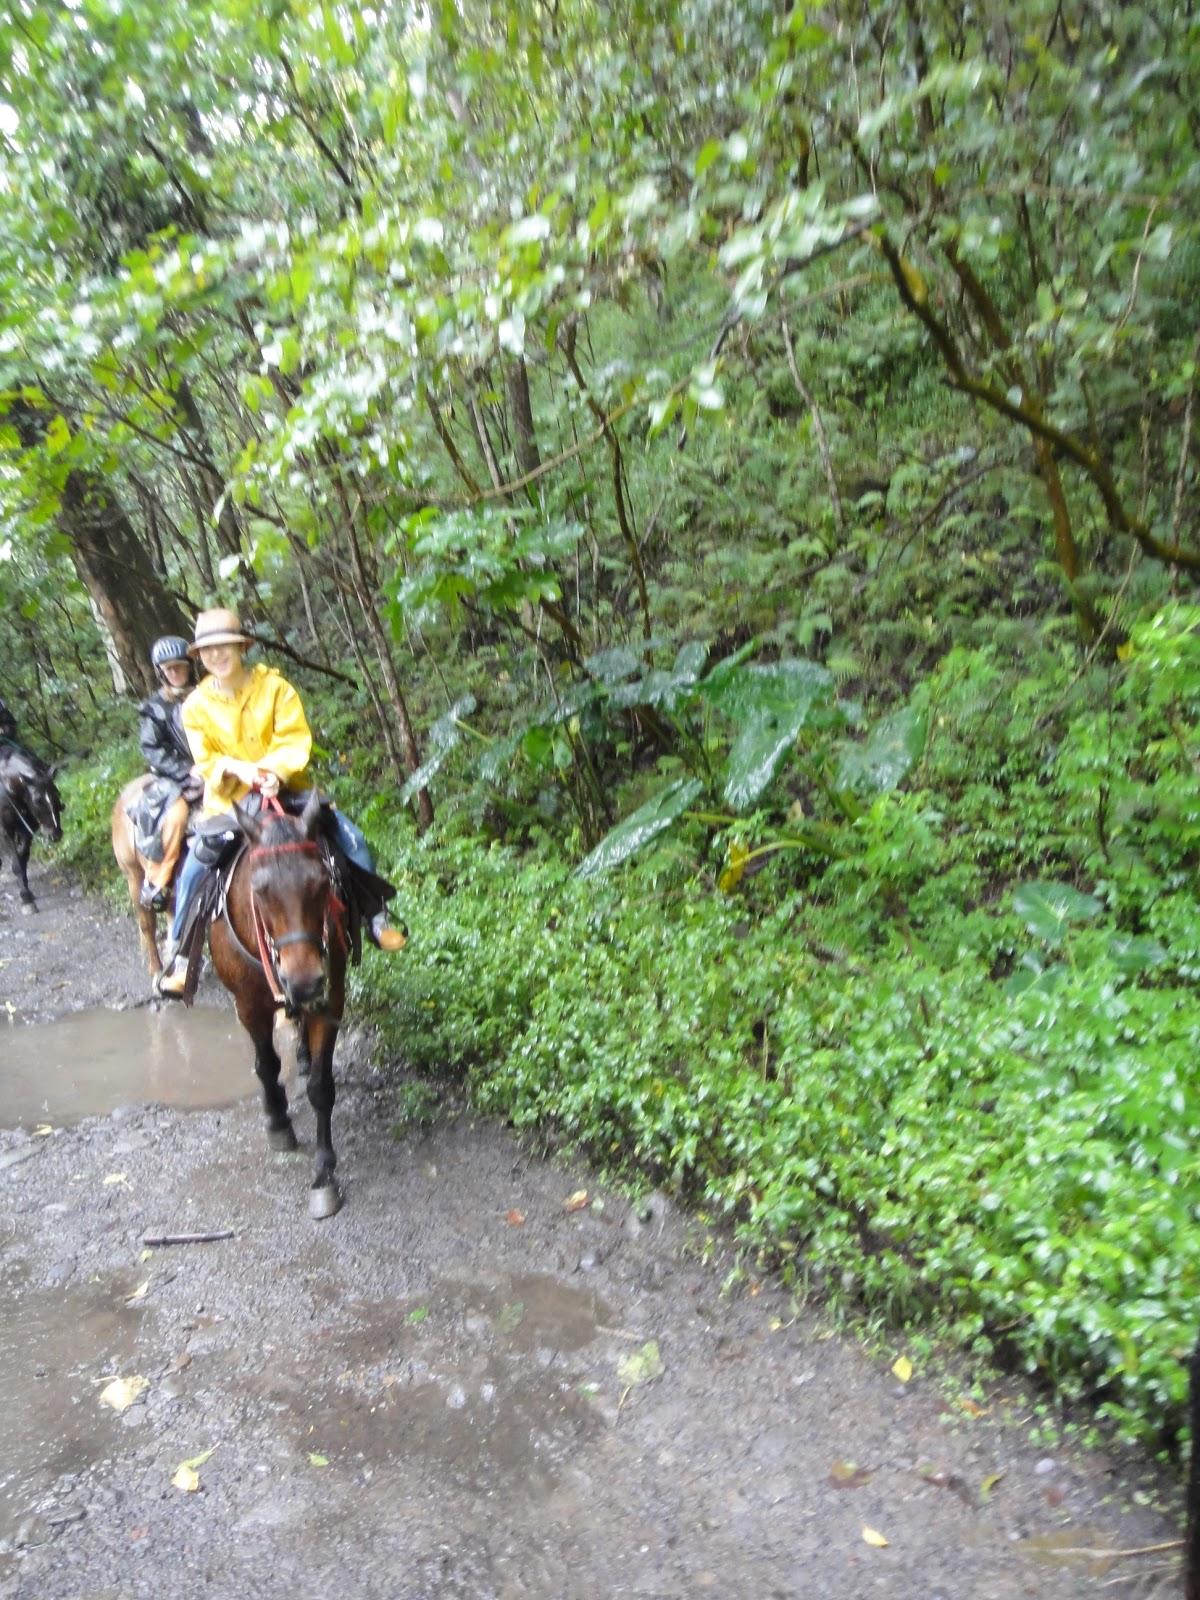 息をするように旅をする: ワイピオ渓谷で馬に乗った